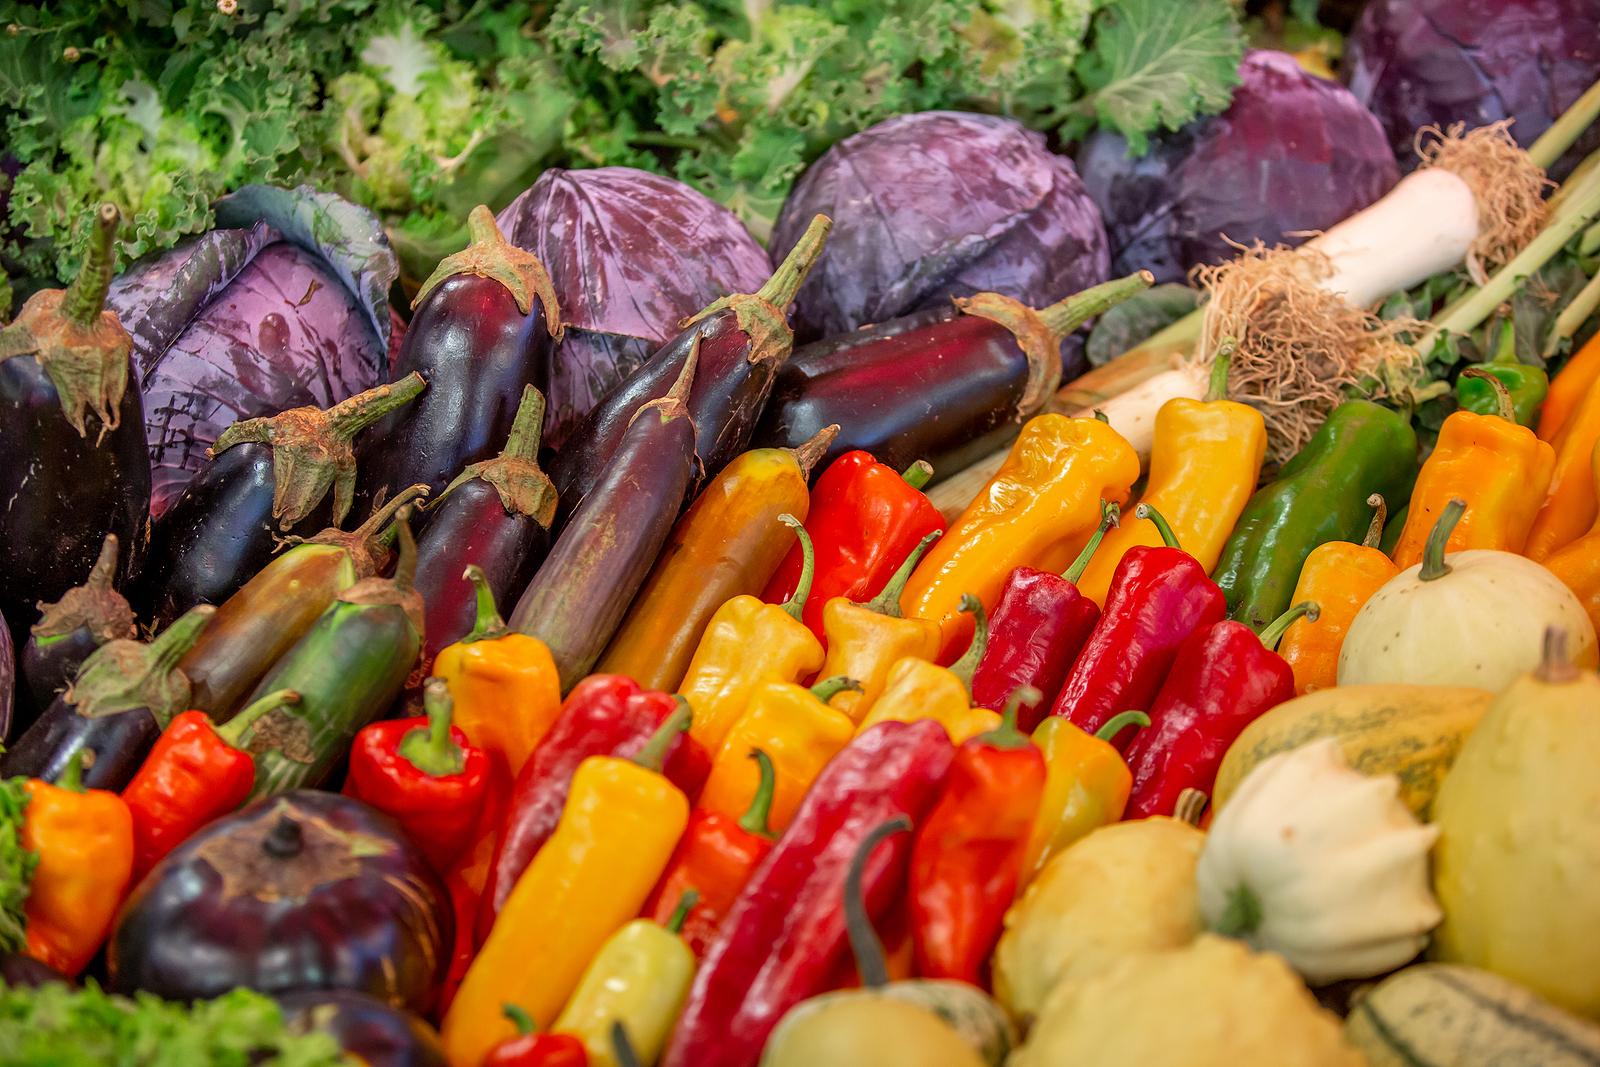 Konsumenci mają problem z odróżnieniem zdrowej żywności